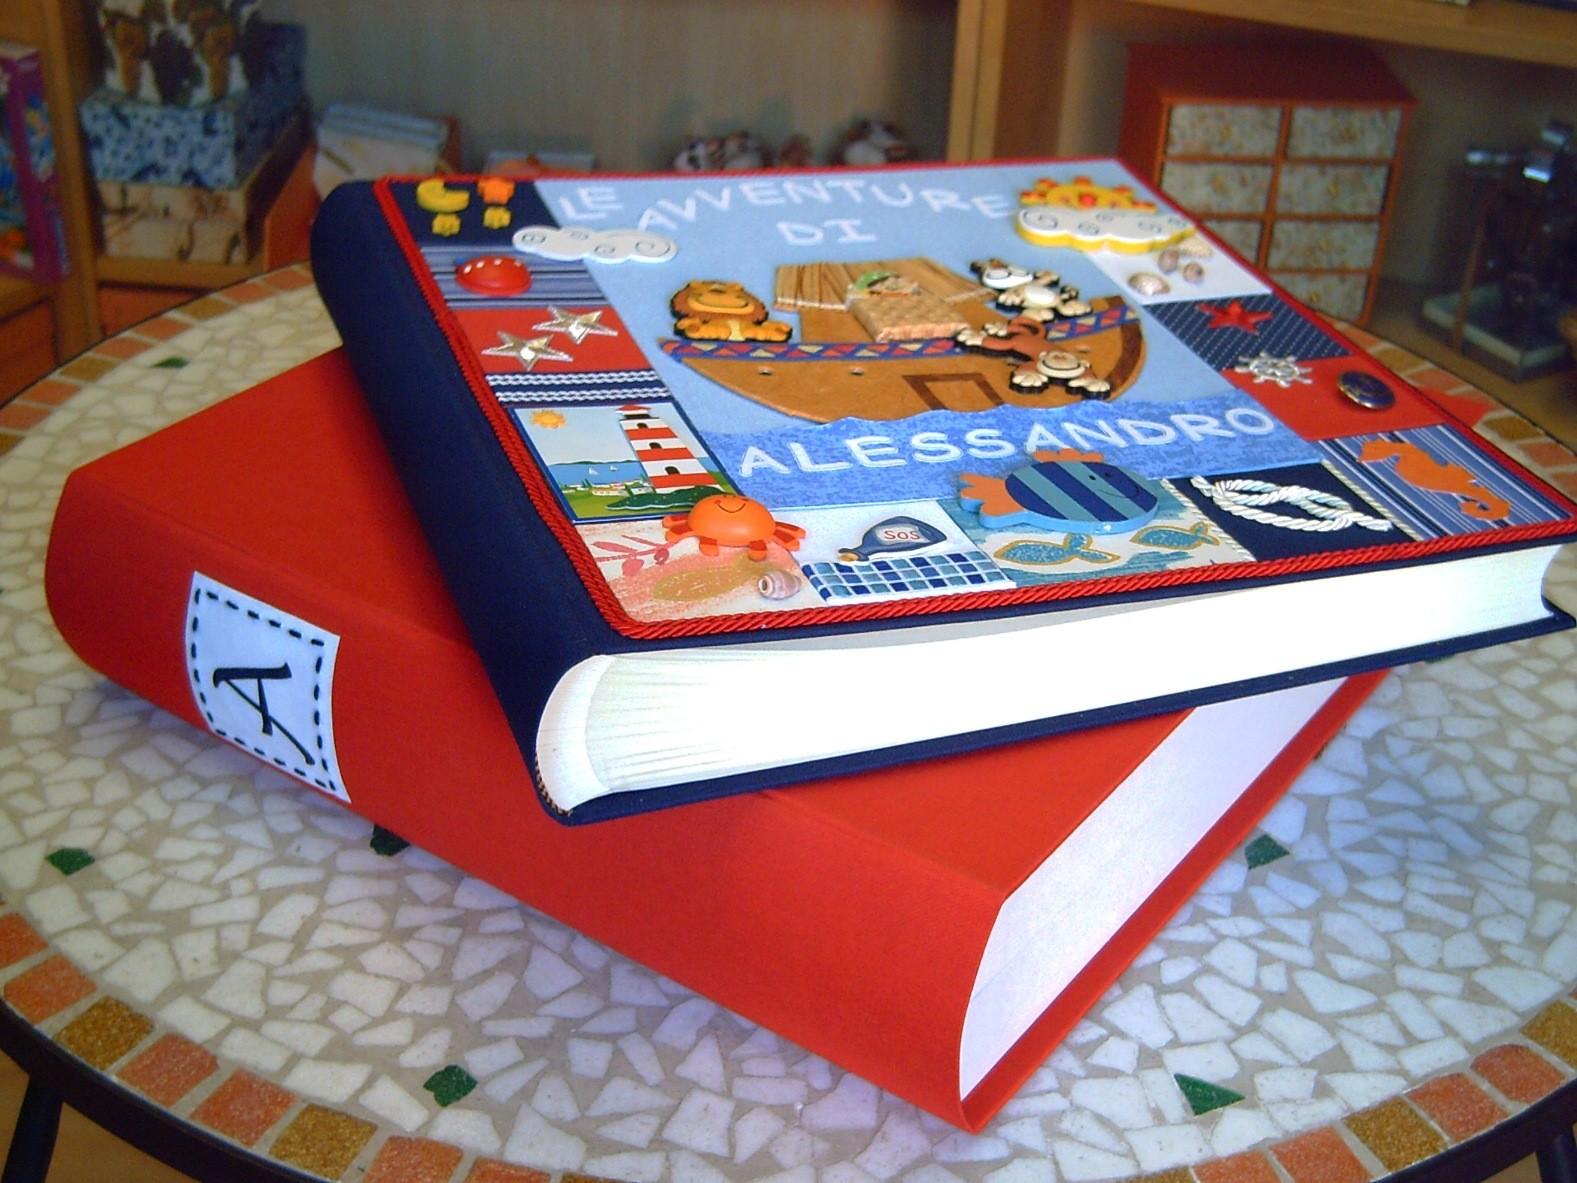 L'album con la scatola finto libro in tela coordinata